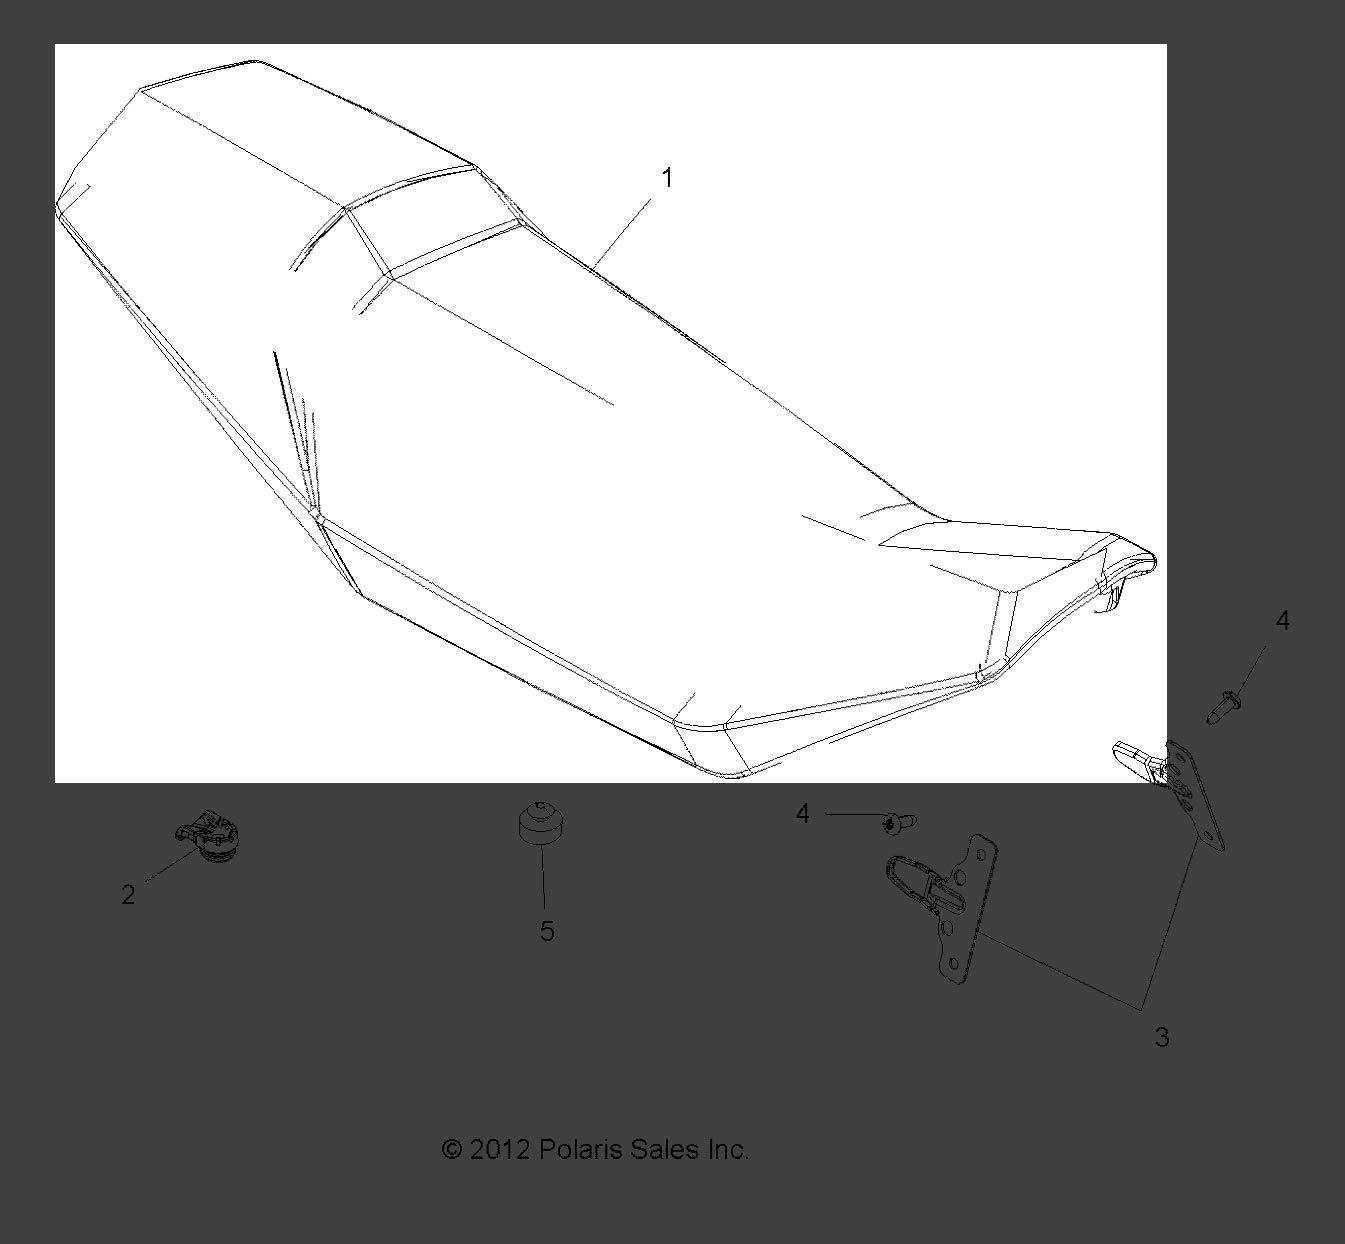 Polaris 2014-2017 Scrambler Xp 850 Ho E Intl Scrambler Xp 1000 Ho E Covering Seat Scr Blk//Wht 2685917 New Oem